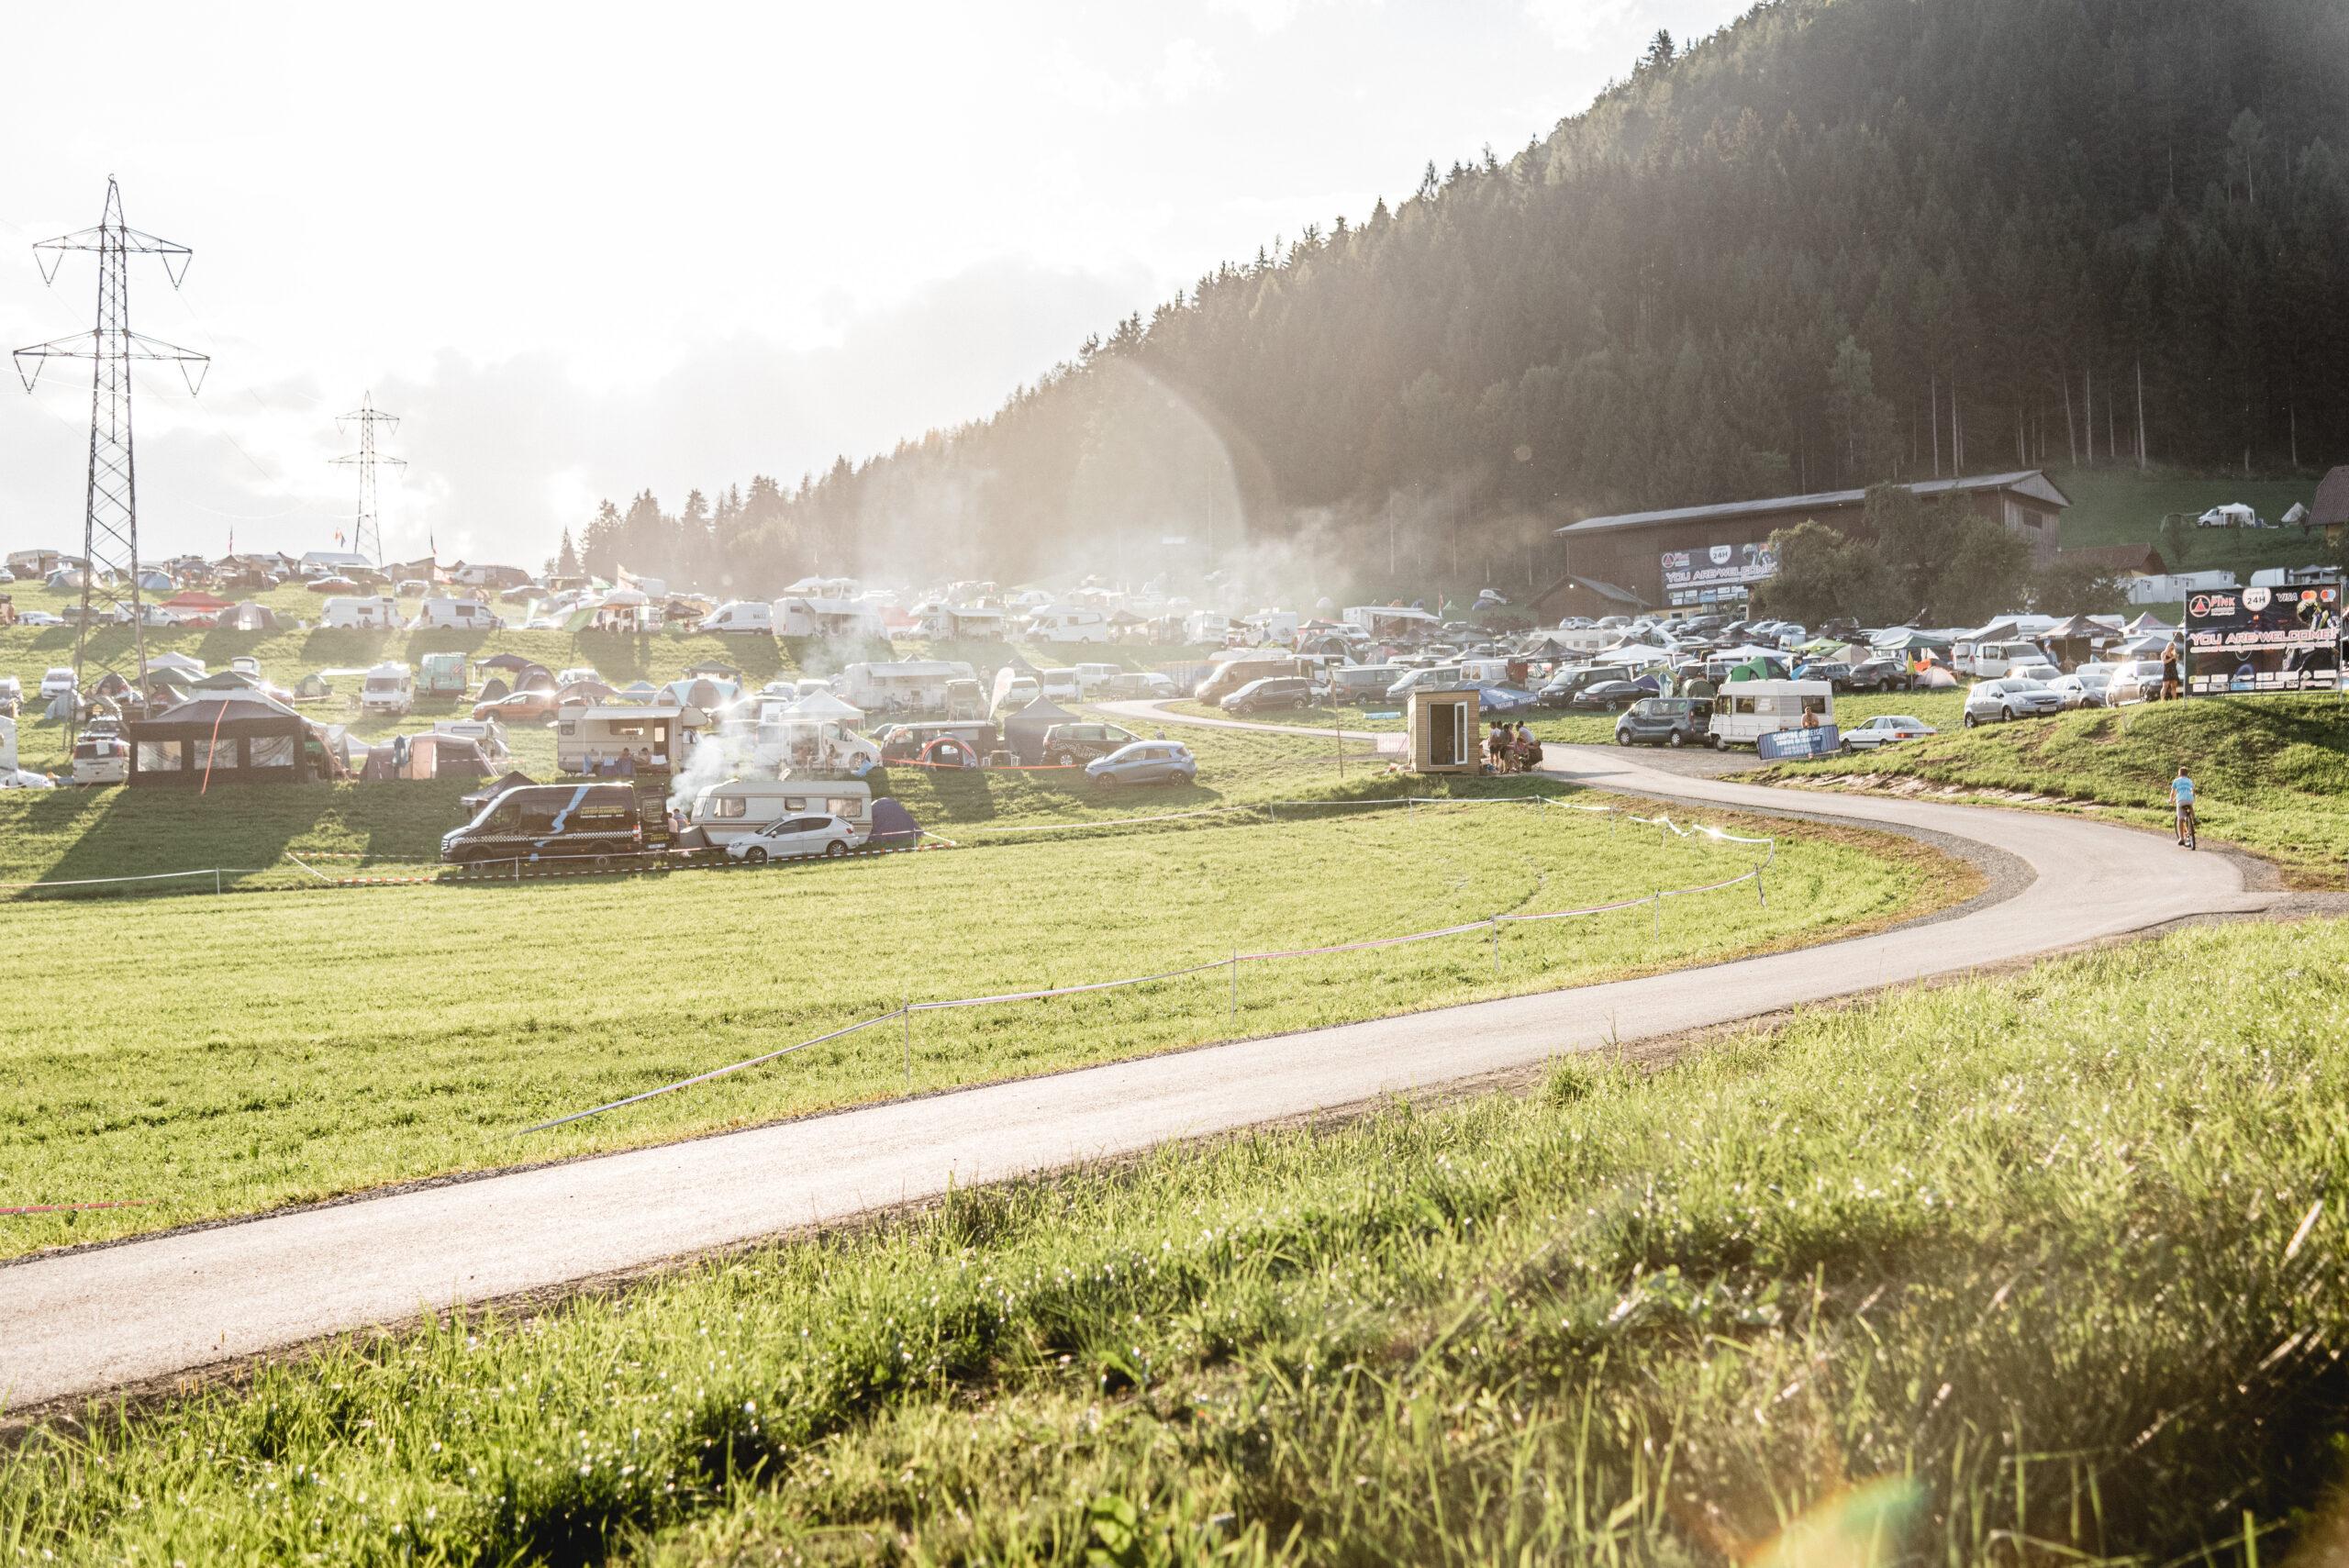 Campingplek Pink Premium – GP Oostenrijk – Formule 1 Red Bull Ring 2021